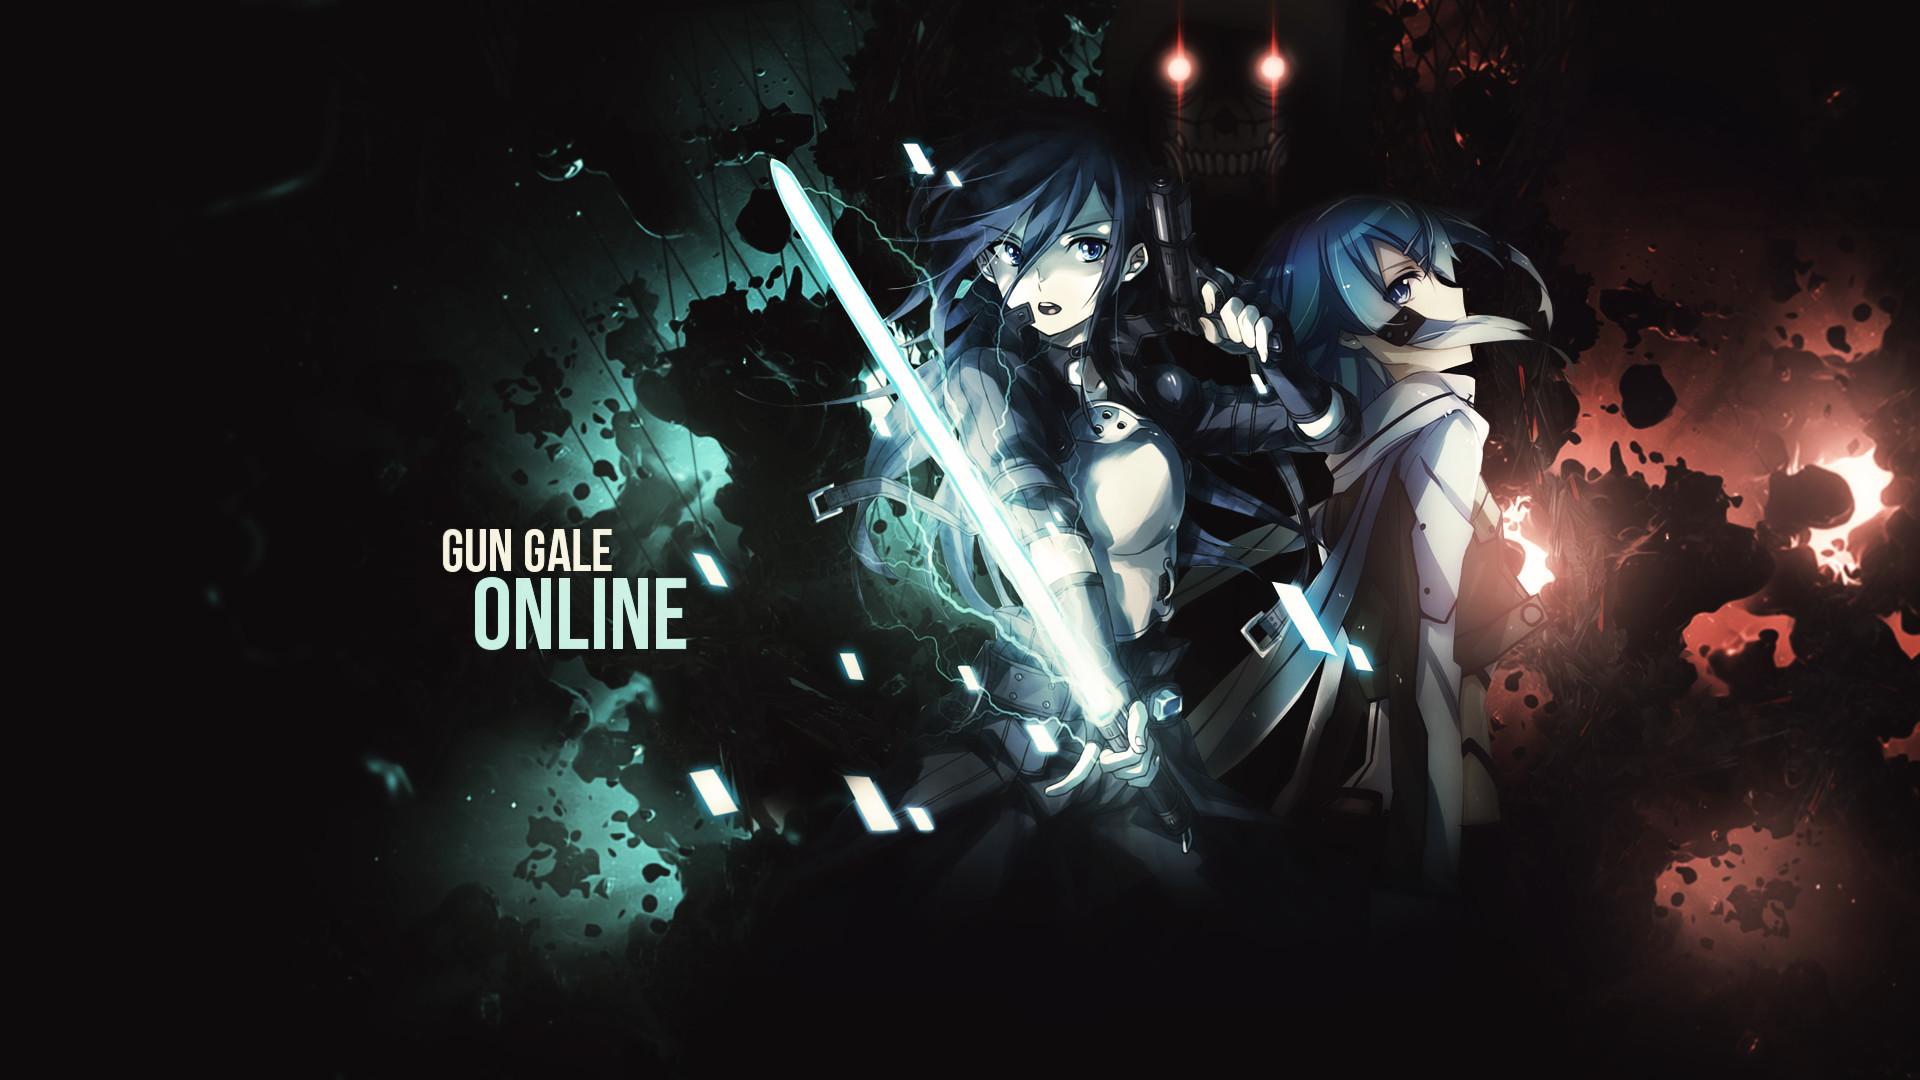 Anime – Sword Art Online II Death Gun (Sword Art Online) Sinon (Sword